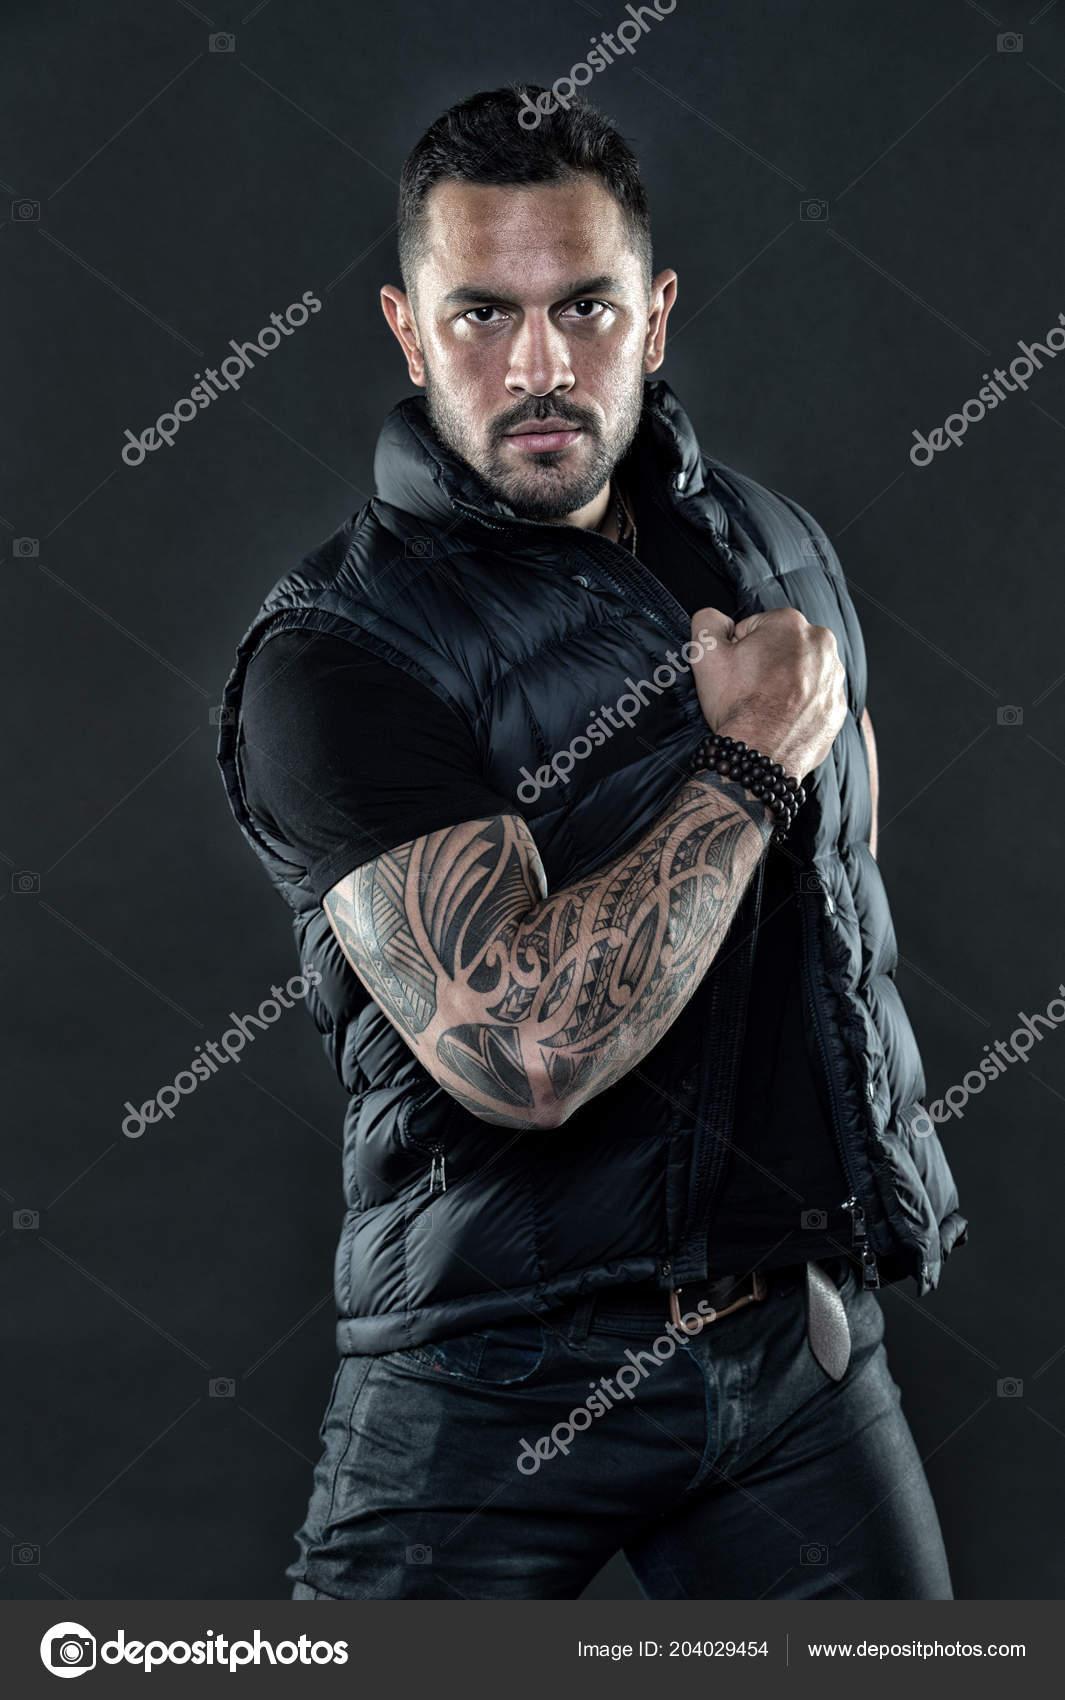 homme tatou en v tements la mode homme avec tatouage sur la peau du bras macho de mode avec. Black Bedroom Furniture Sets. Home Design Ideas